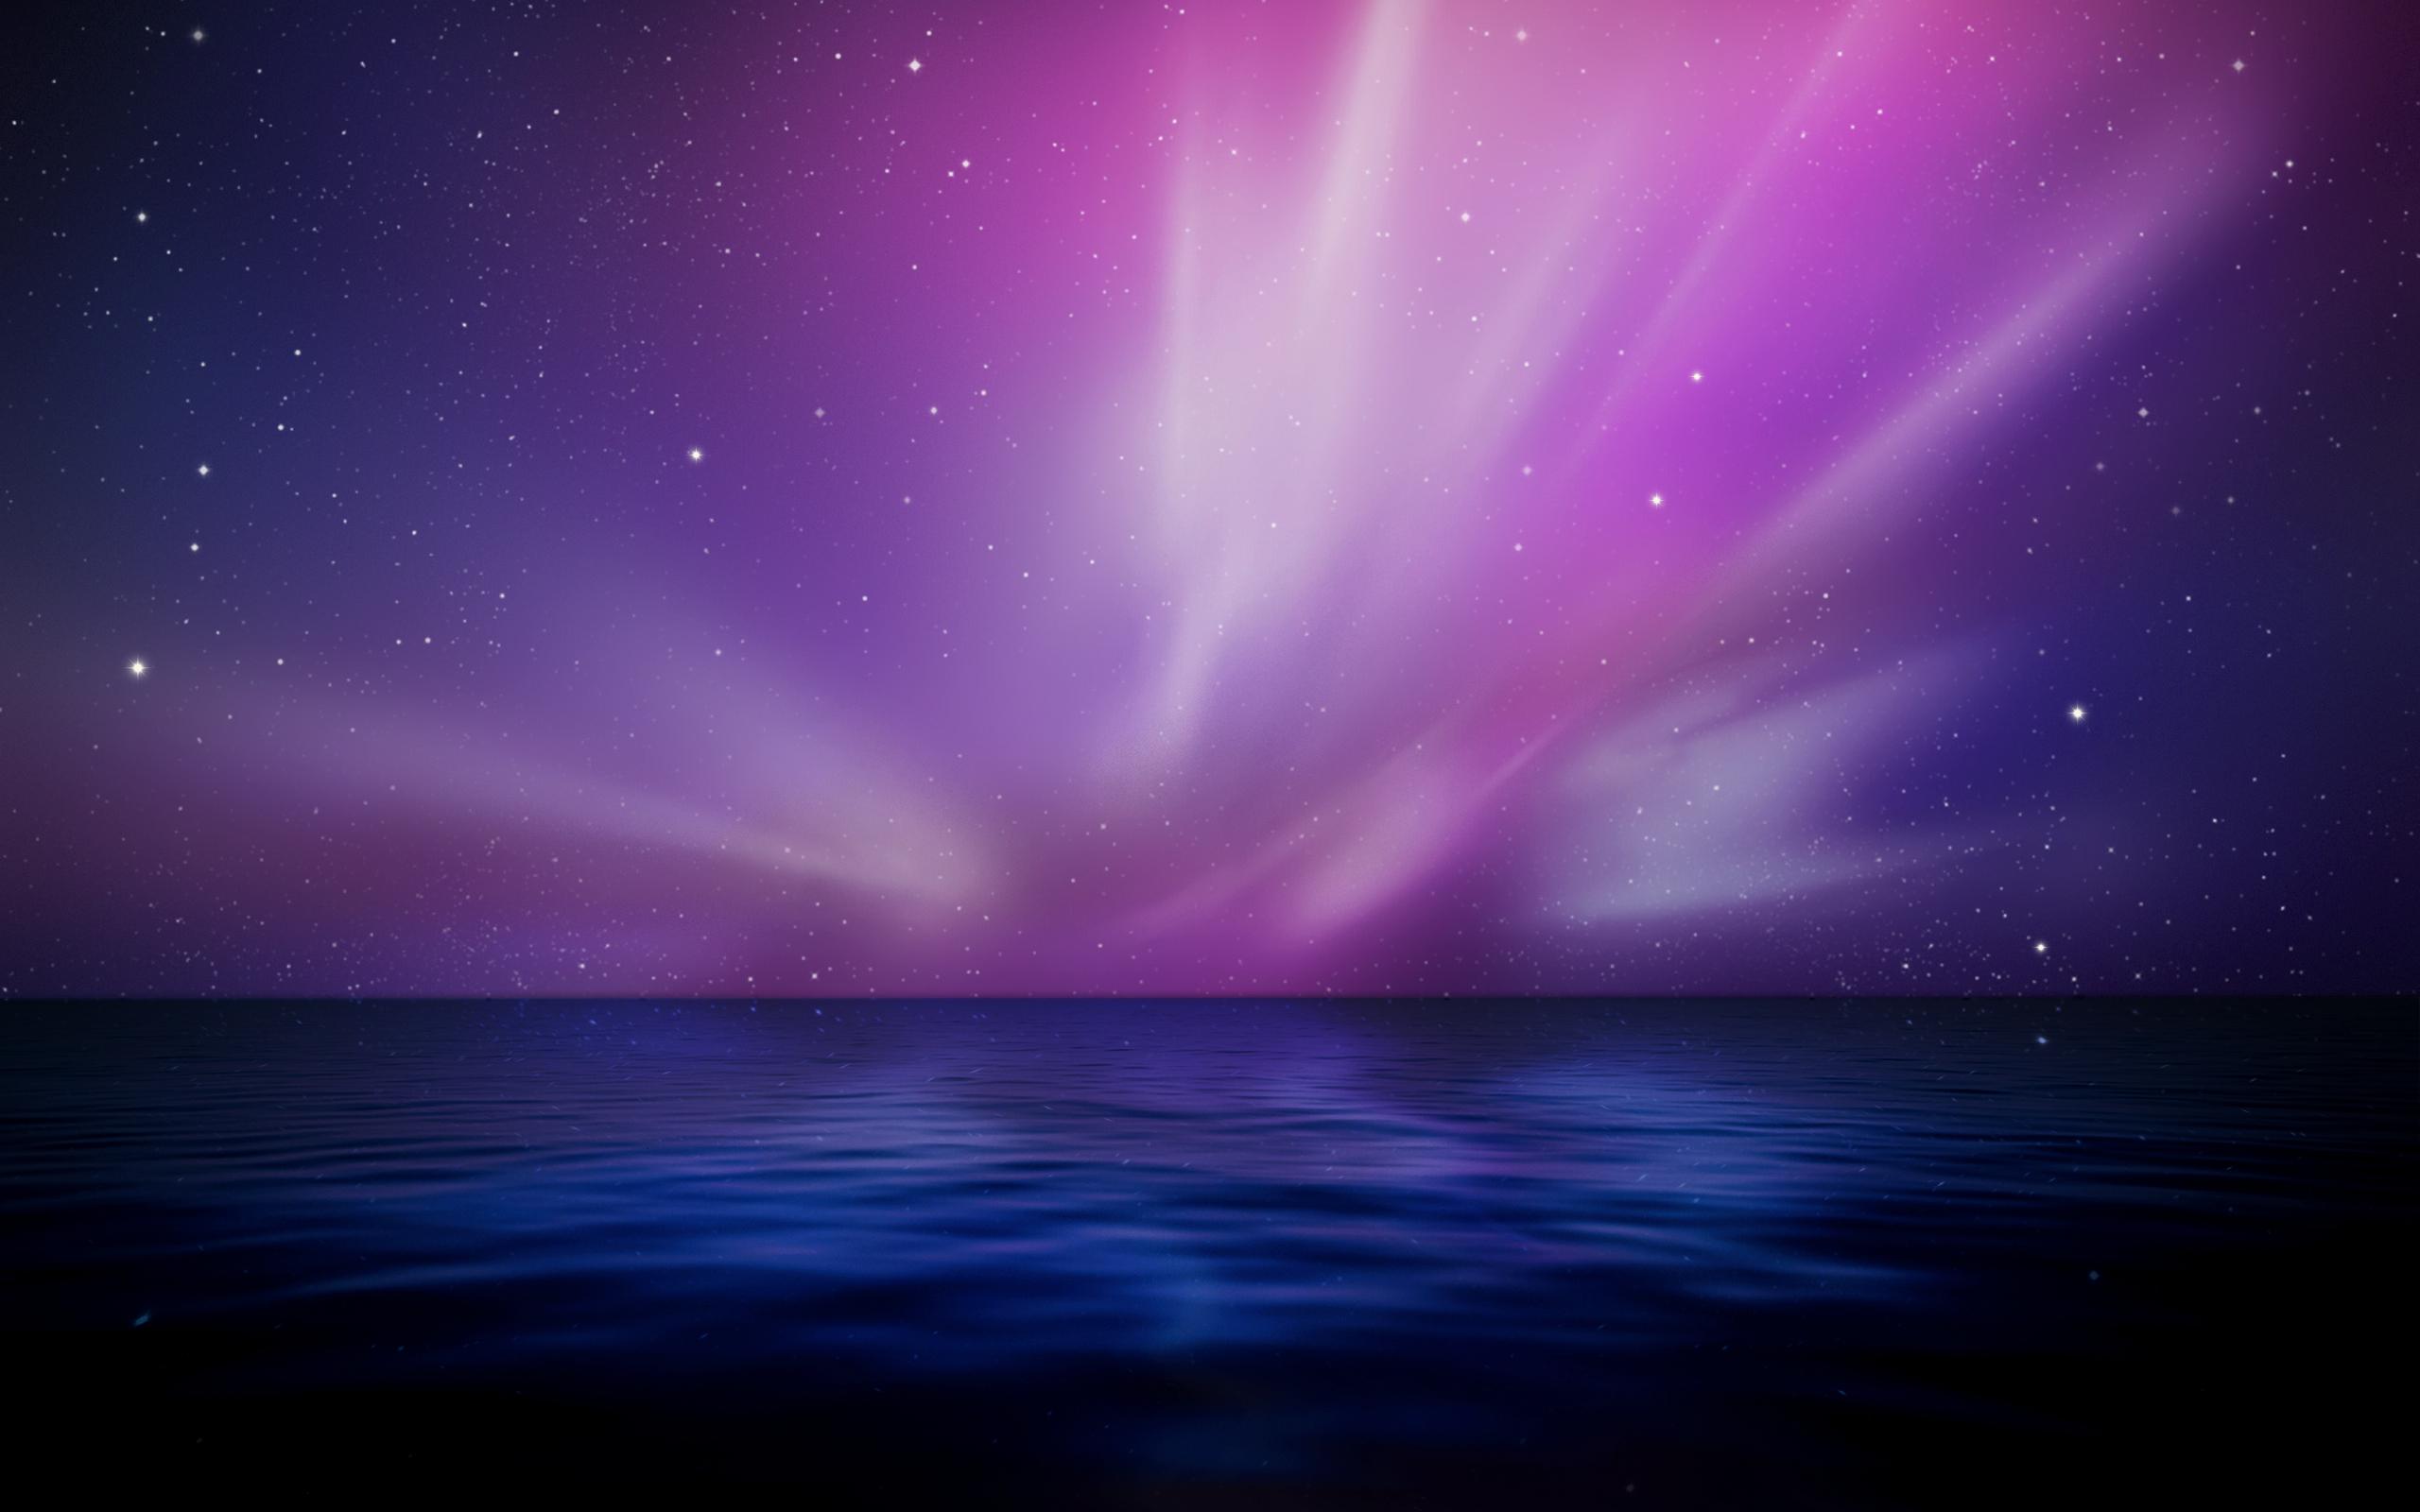 blue purple sky desktop wallpaper - photo #18